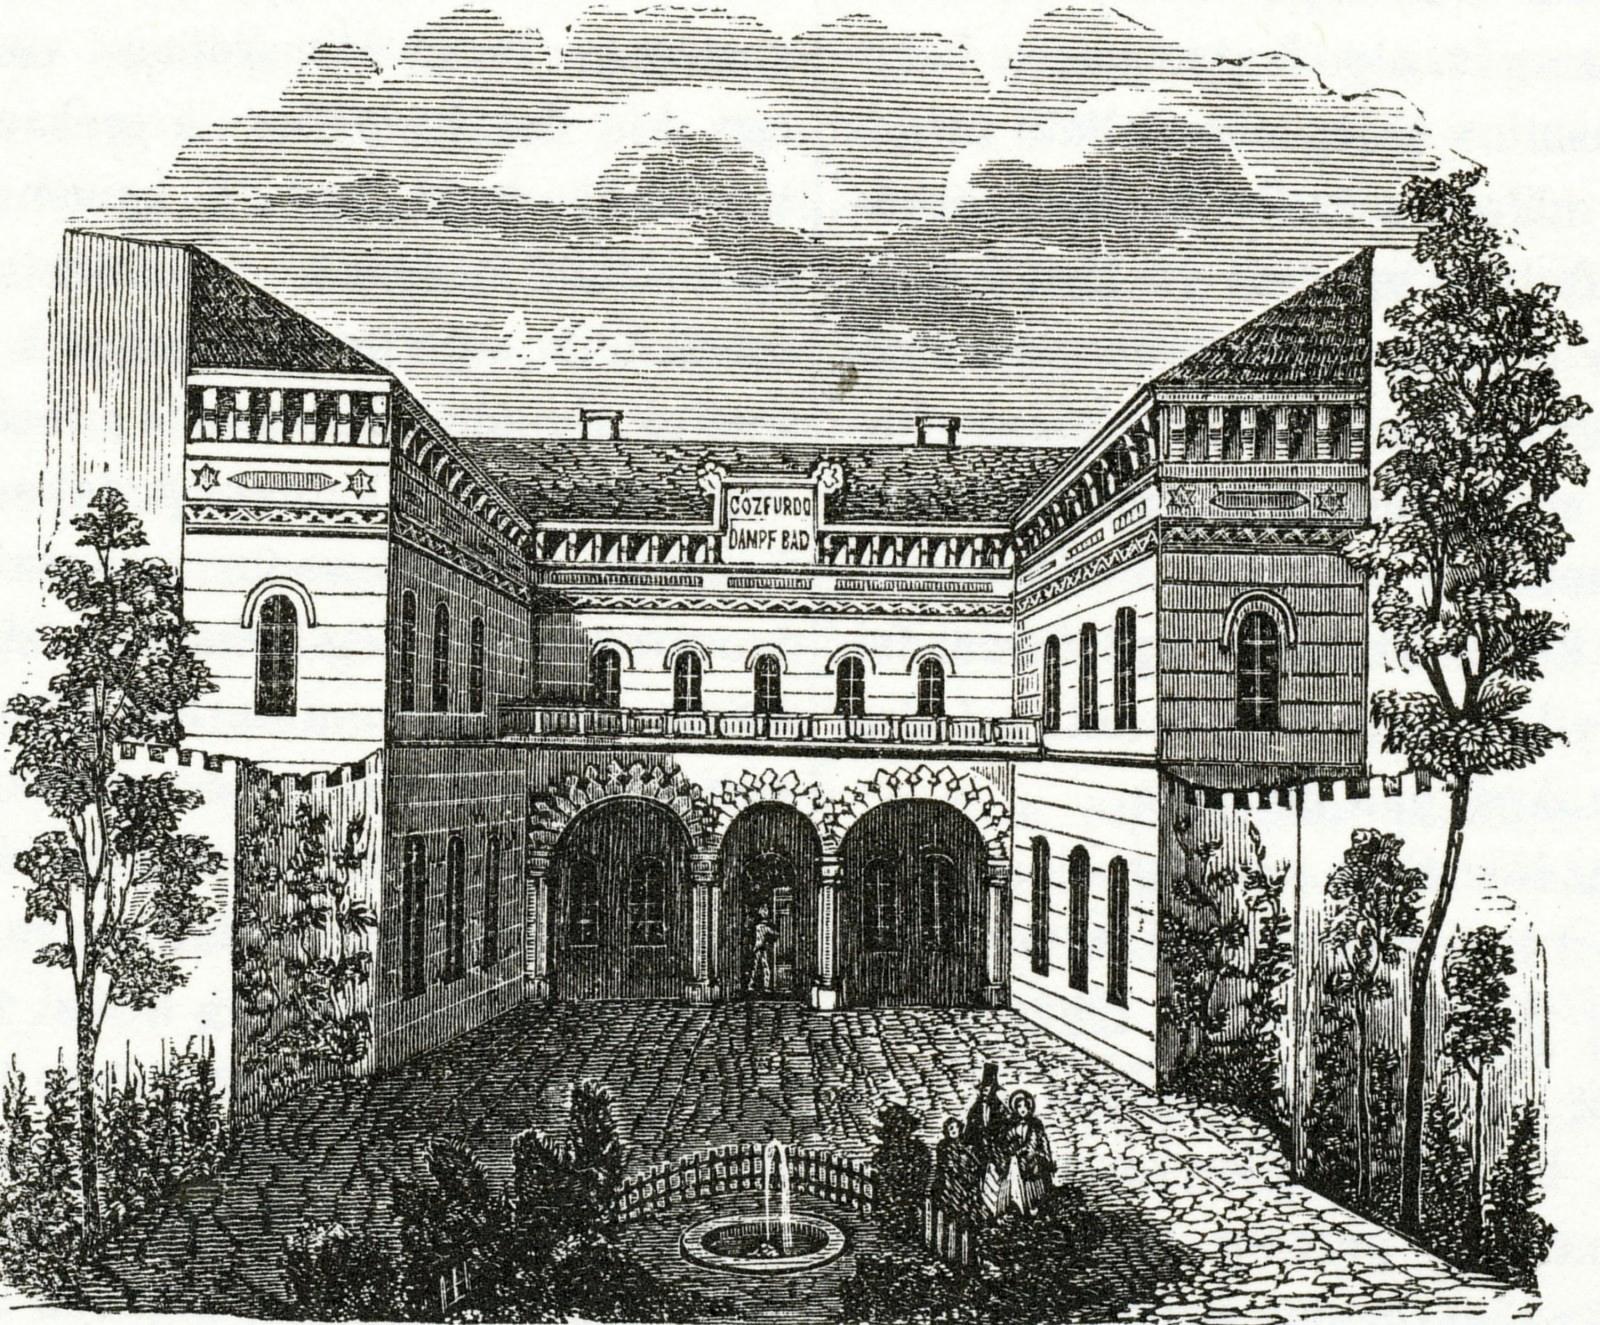 Az Első Magyar Gőzfürdő Kazinczy utcai főbejárata és díszudvara. (Forrás: Kubinyi Ferenc - Vahot Imre: Magyarország és Erdély képekben, Pest, 1853.)